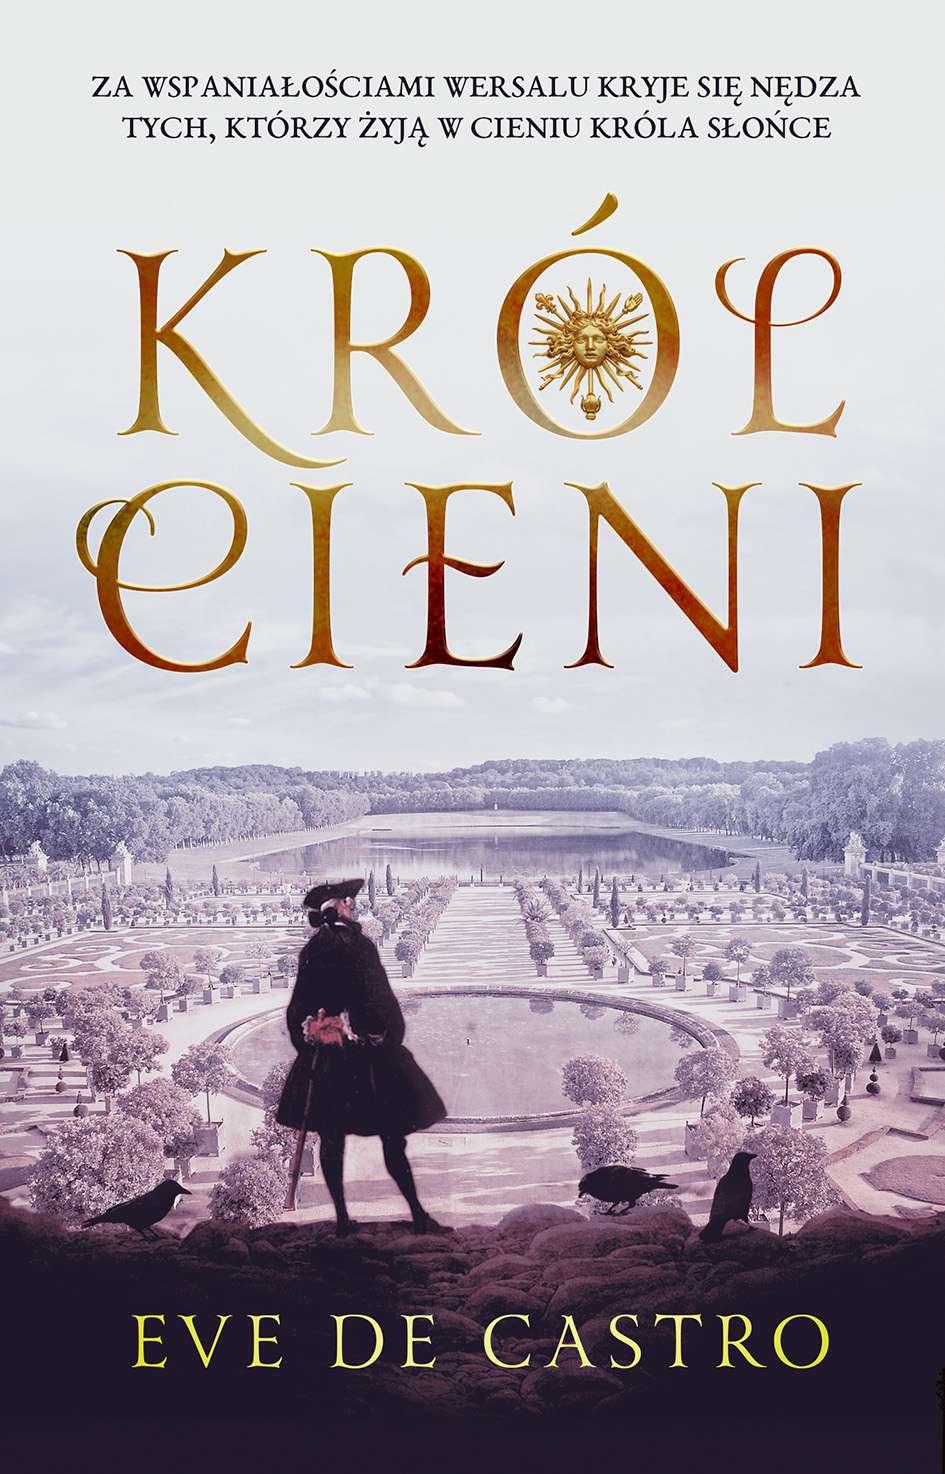 Król cieni - Ebook (Książka EPUB) do pobrania w formacie EPUB